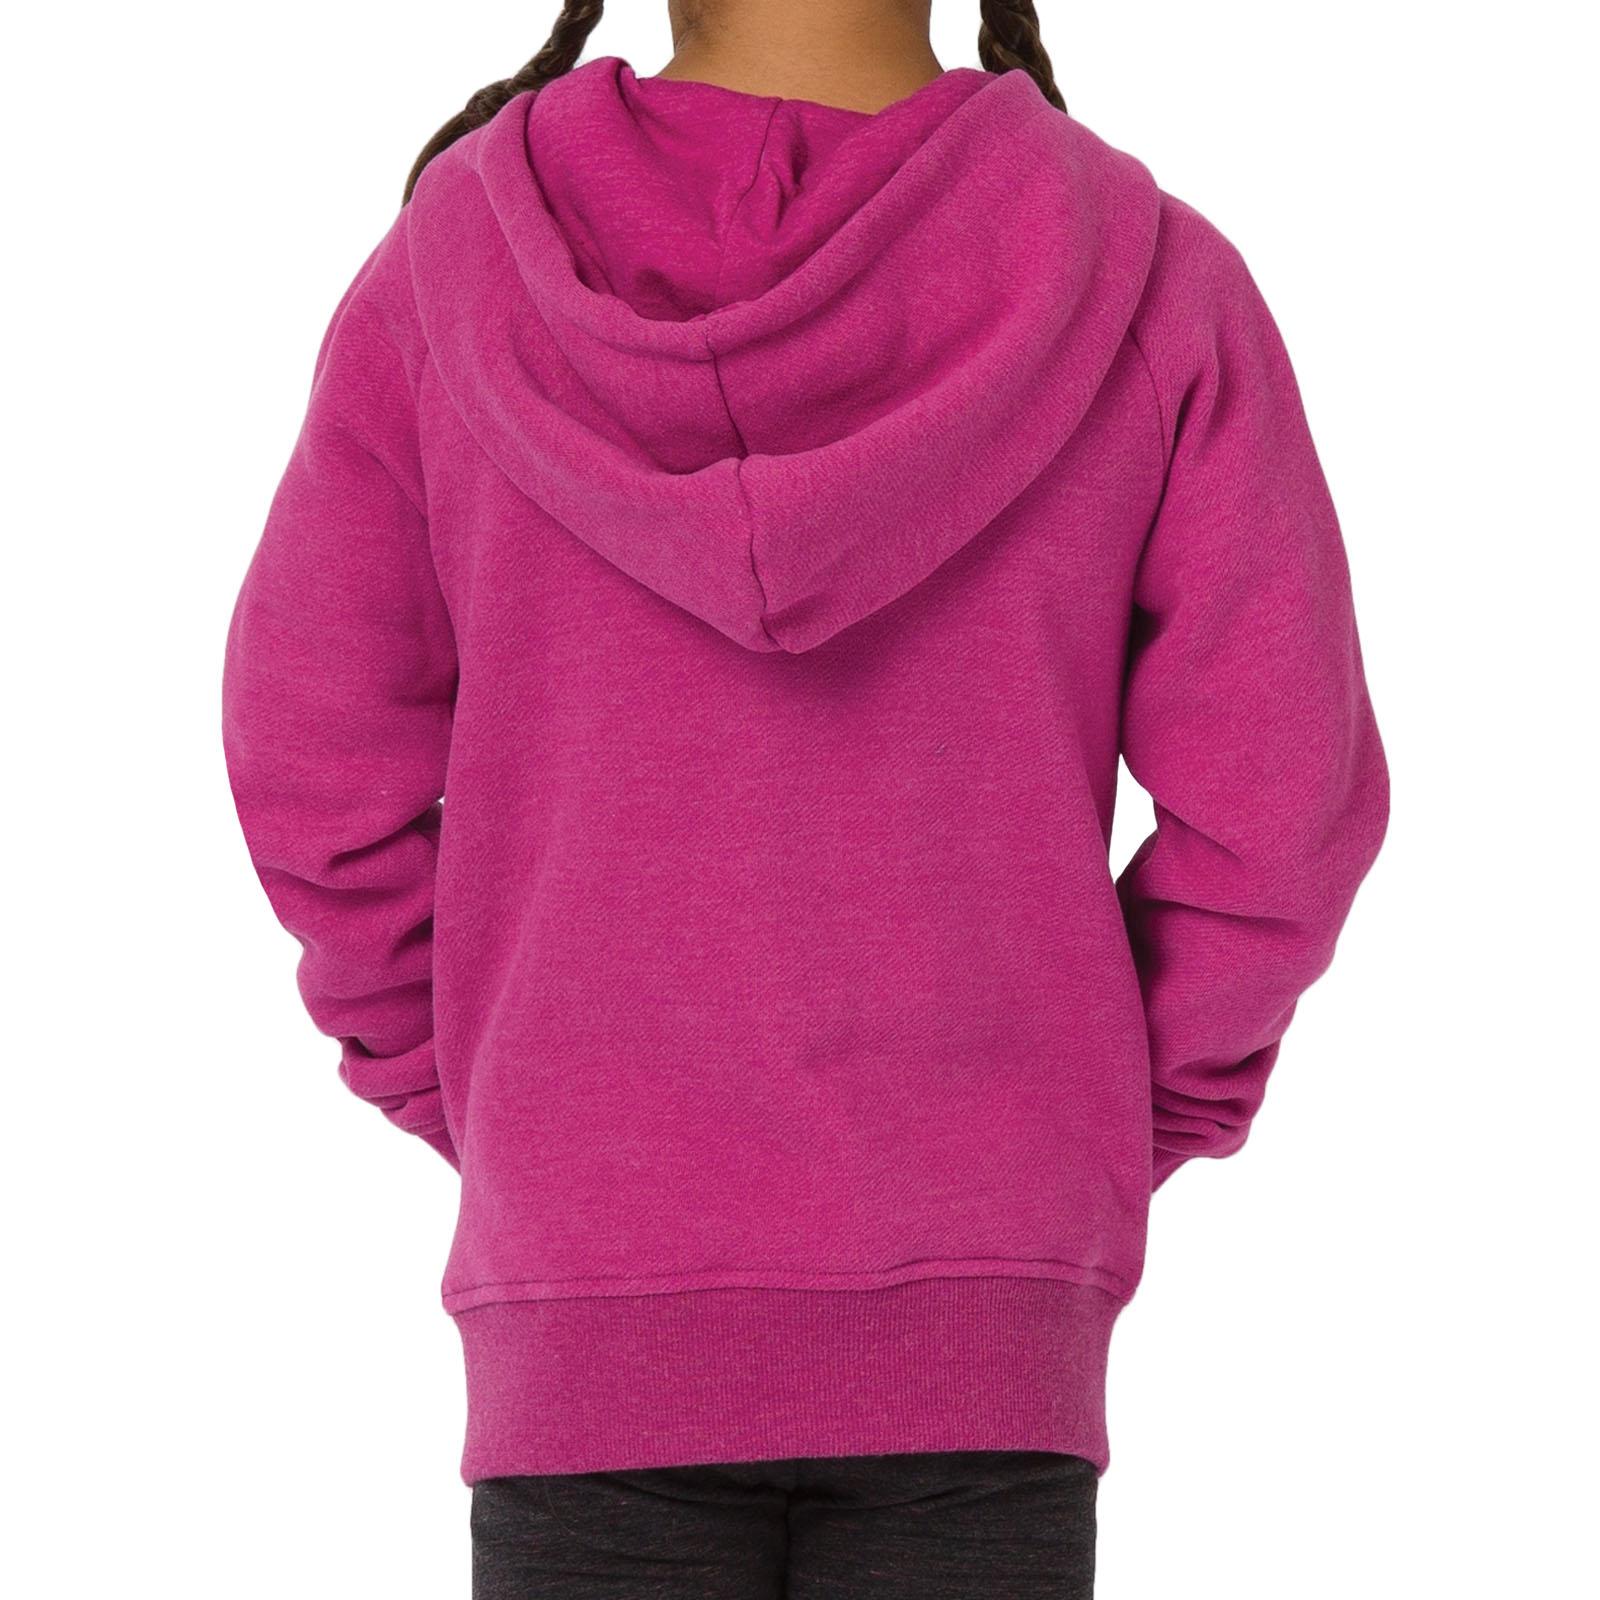 Animal Girls Kids College Long Sleeve Zipped Hooded Sweatshirt Hoodie Jacket Top